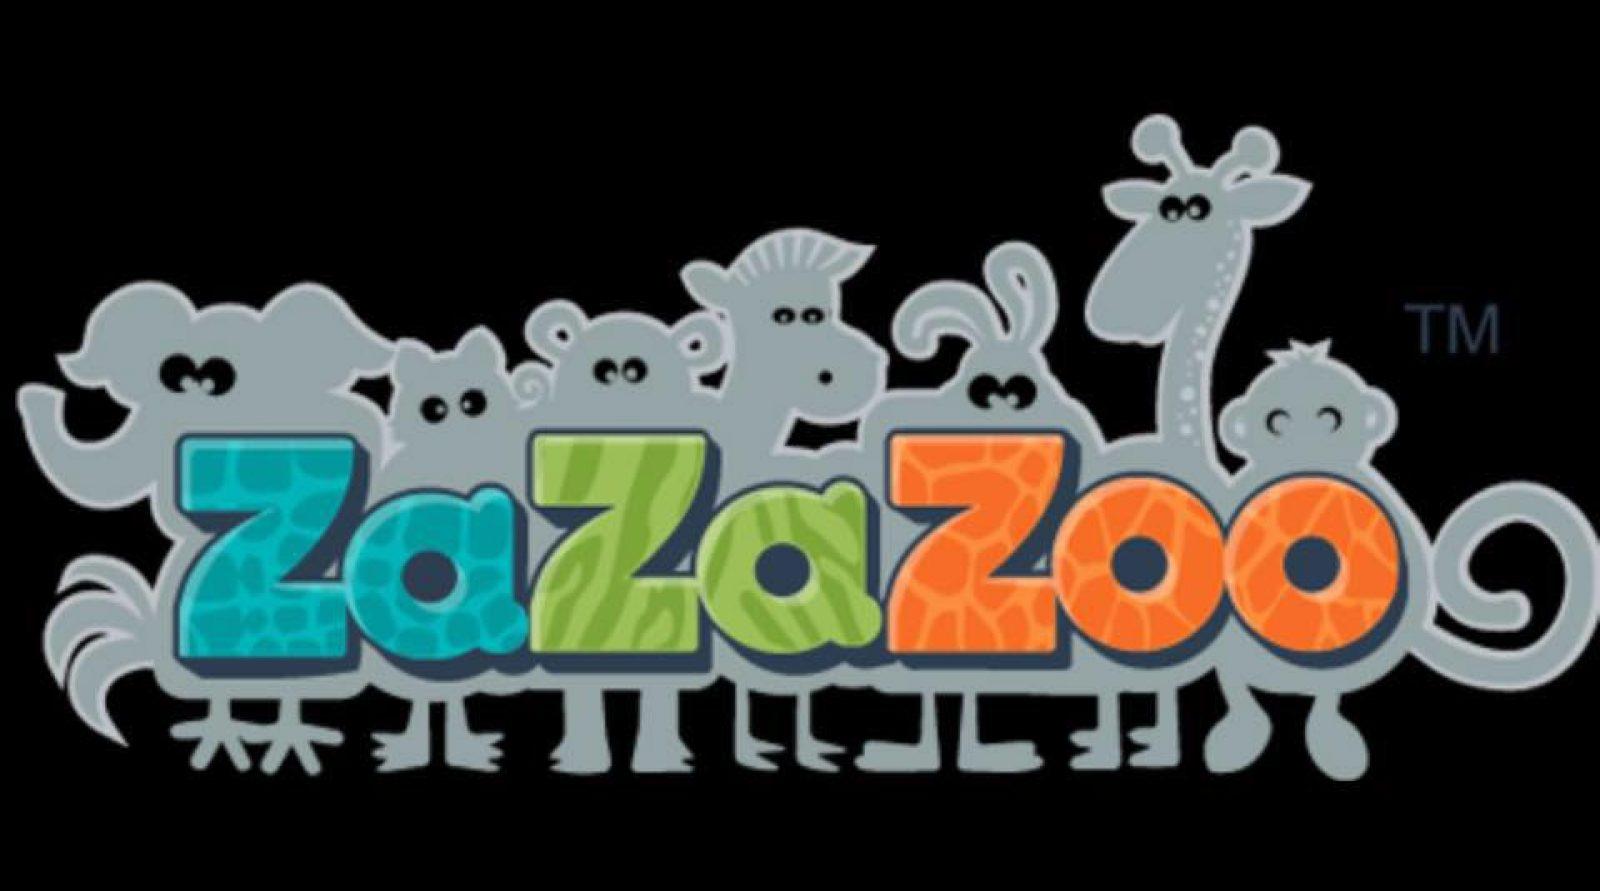 zuzazoo